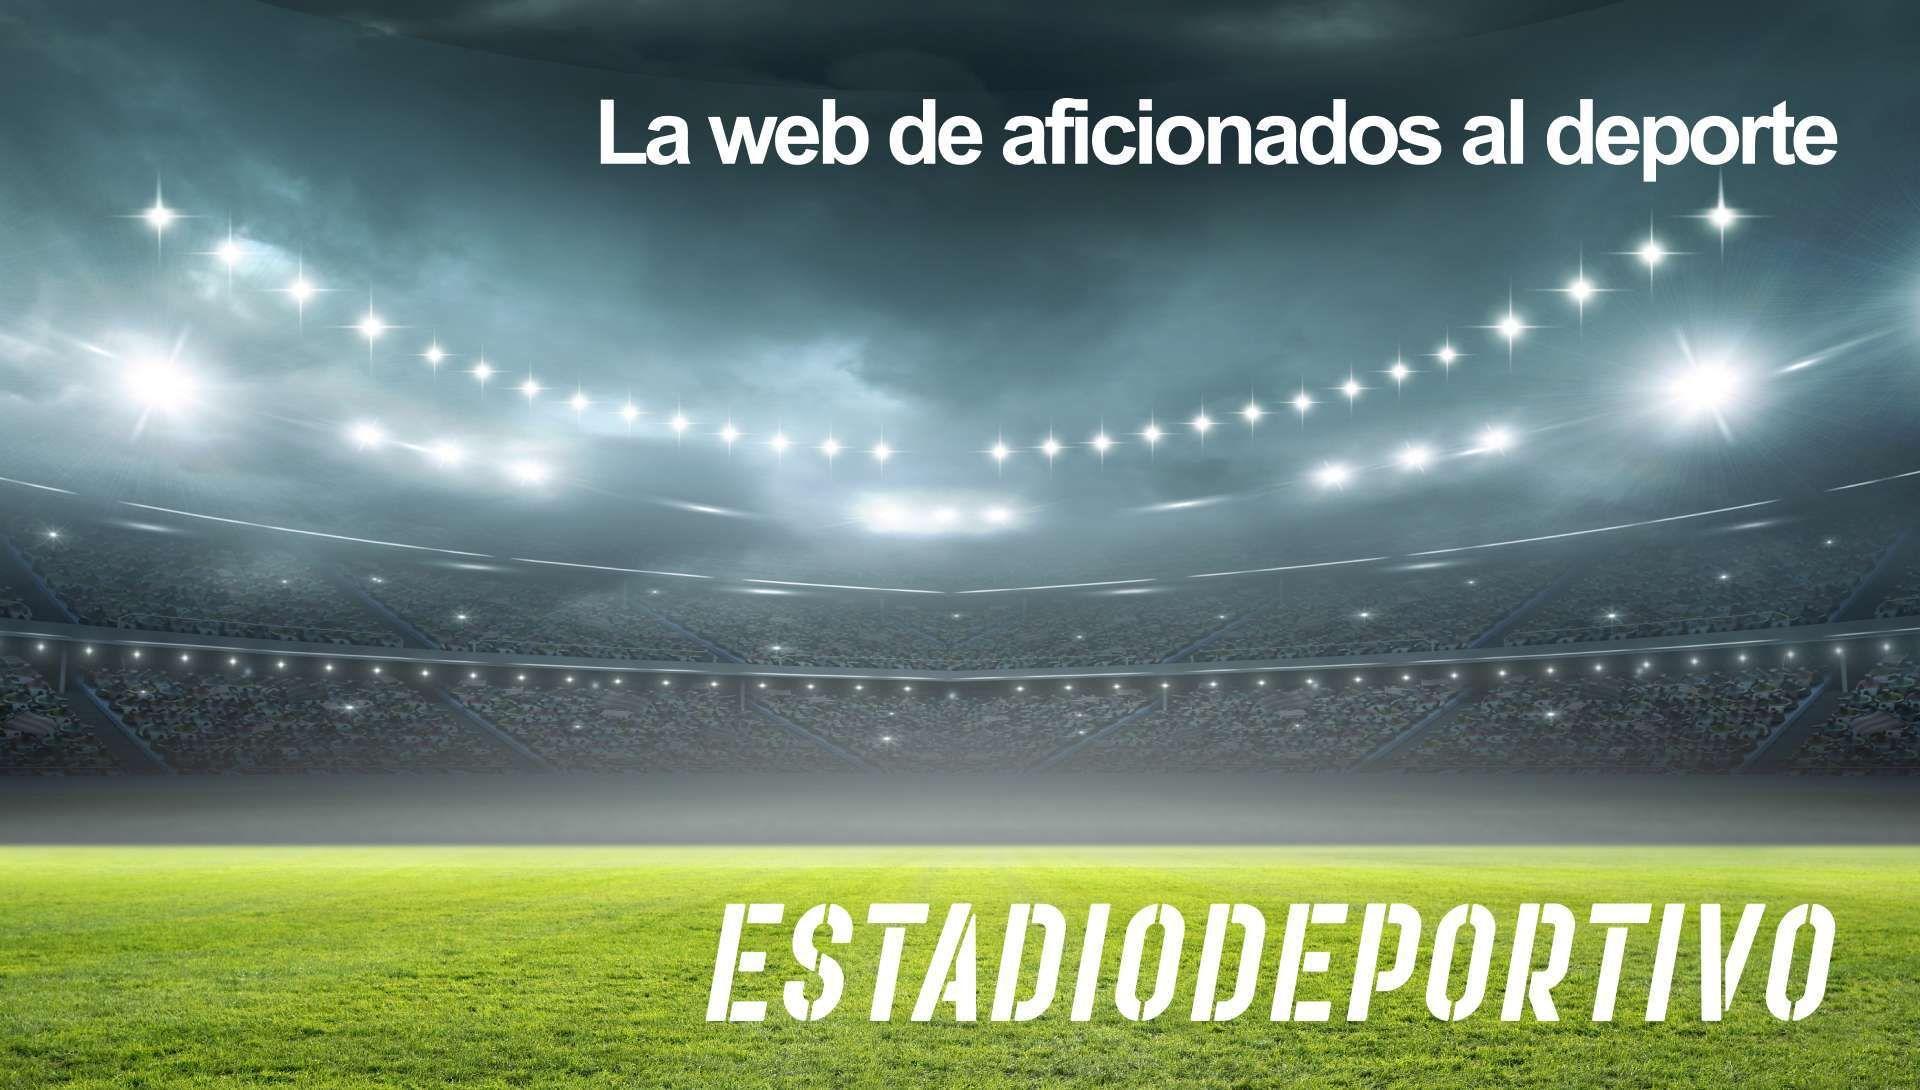 Las portadas del viernes 10 de septiembre